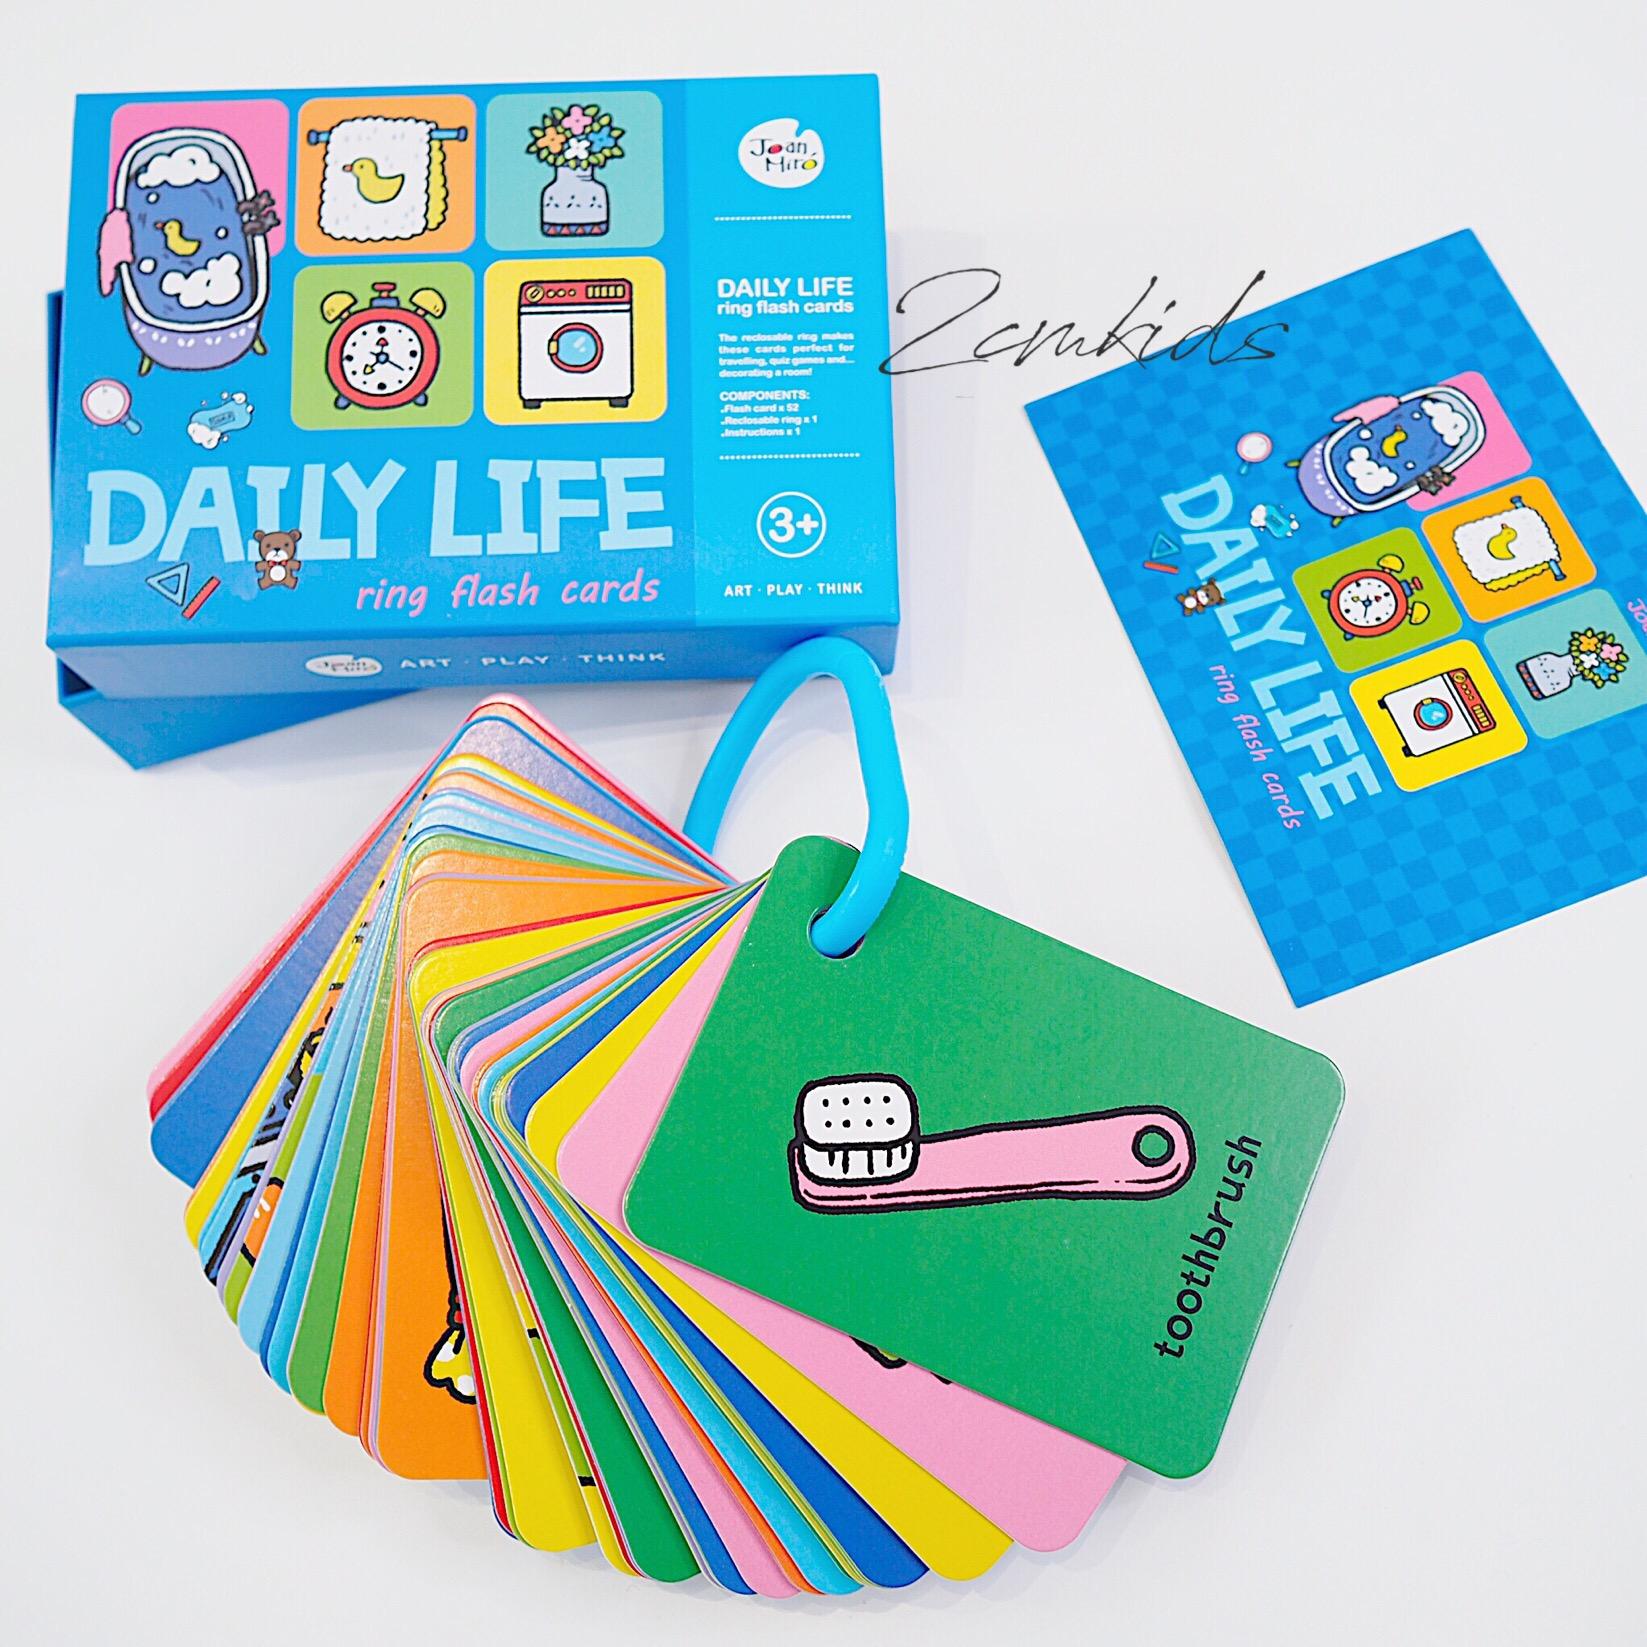 美乐儿童识字0早教益智3记忆卡6岁宝宝认知英文单词英语字母卡片